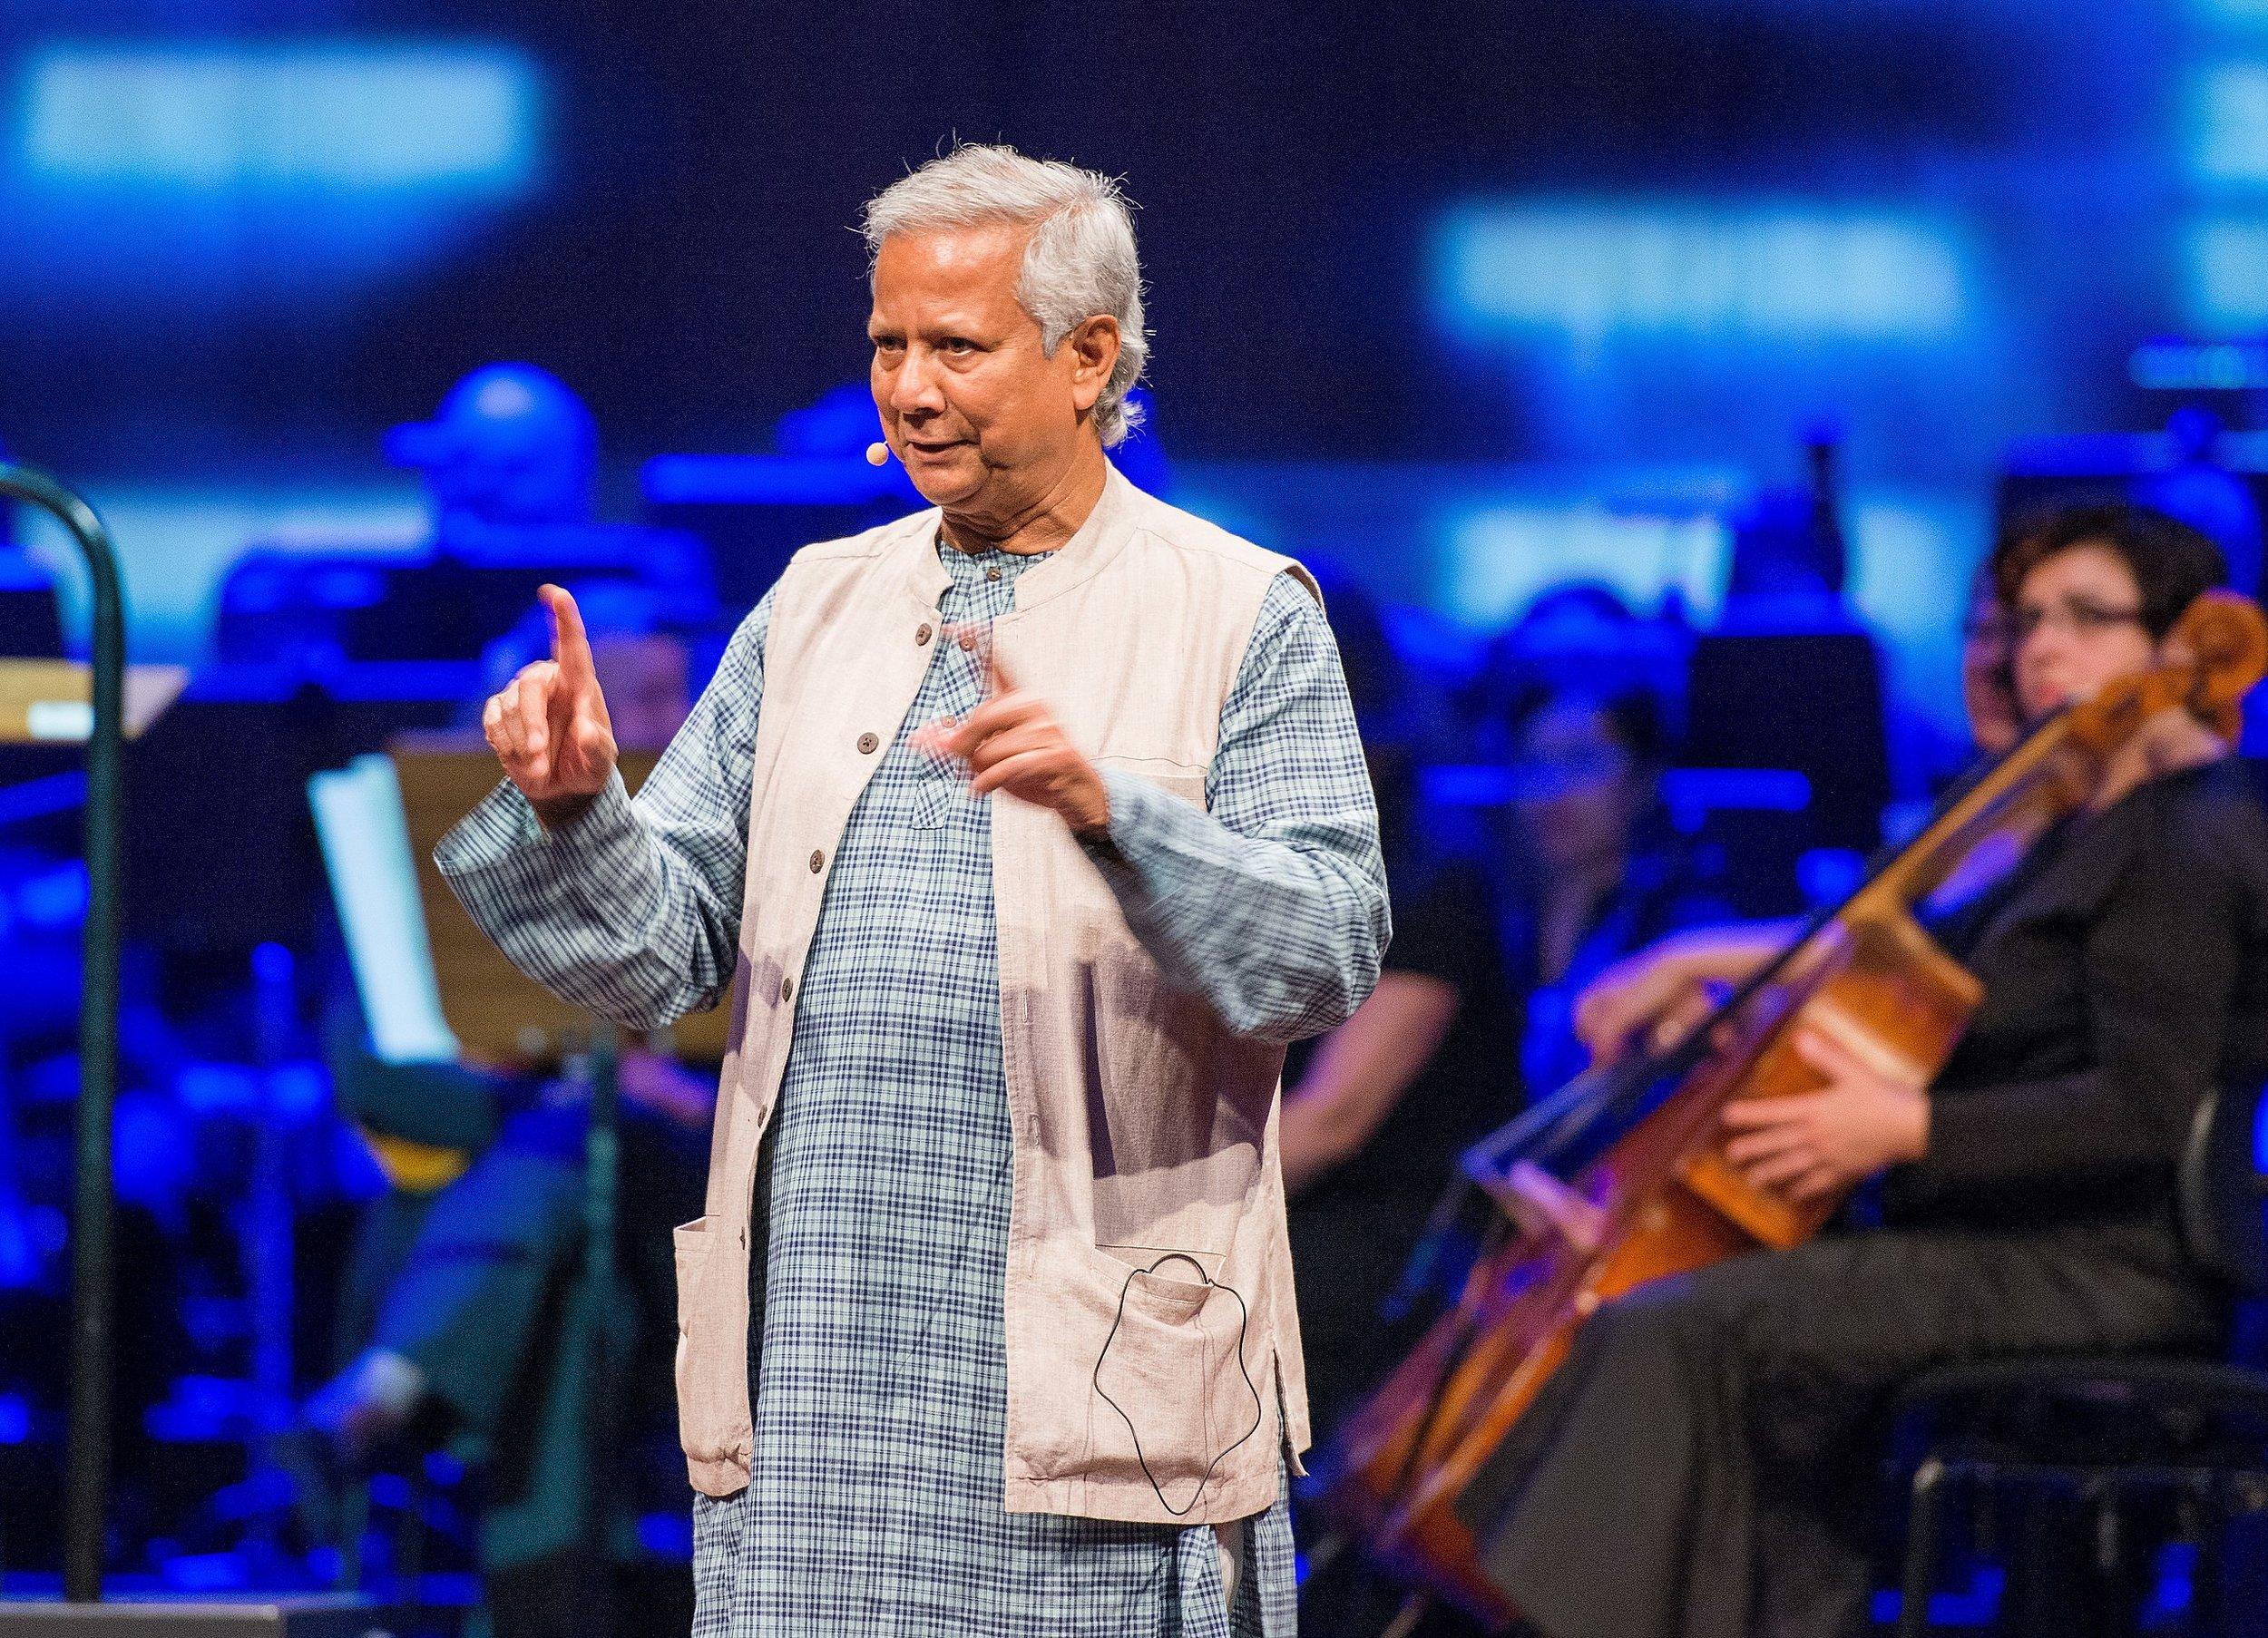 FACTS zu Prof. Muhammad Yunus: Gründung der Grameen Bank, Bangladesch, die Mitte der 70er Jahre mit Privatkrediten von kleinen Geldbeträgen an mittellose Korbflechter begann. Hat daran gearbeitet, die Idee des Social Business zu verbreiten und umzusetzen, ein Konzept für Unternehmen, die soziale Probleme lösen wollen, das finanziell selbsttragend ist und es ihnen ermöglicht, nur ihre ursprünglichen Investitionen zurückzuzahlen und Gewinne in Innovationen oder weiteres Wachstum zu investieren, um ihre sozialen Ziele voranzubringen. Empfänger von Auszeichnungen: Welternährungspreis (1994); Sydney Peace Prize (1998); Seoul Peace Prize and  Nobel Peace Prize (2006);  Presidential Medal of Freedom, Präsident Obama (2009); Congressional Gold Medal, USA (2013).